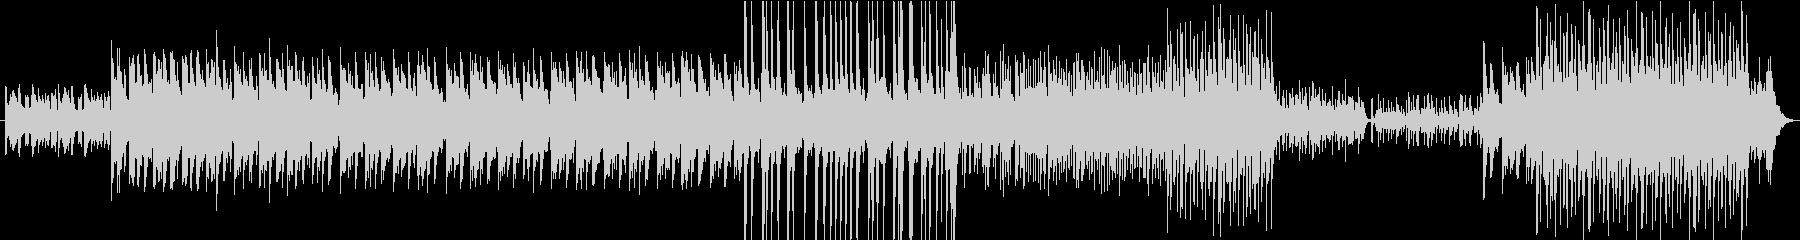 和楽器を使用した疾走感ある曲の未再生の波形